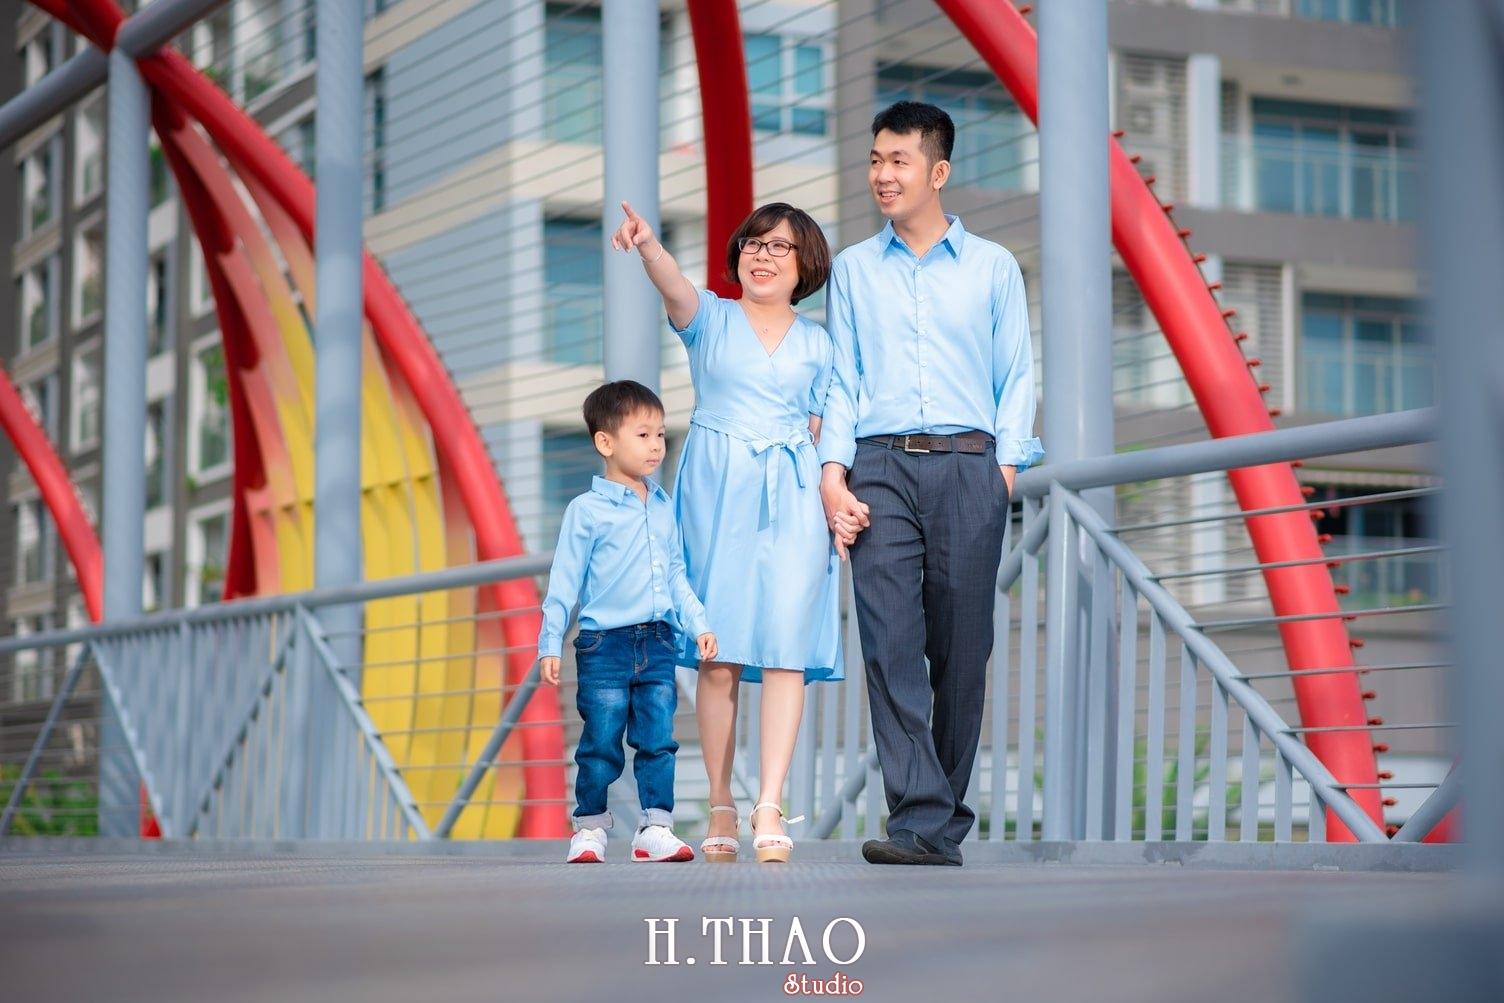 Anh gia dinh landmark 7 - Báo giá chụp hình gia đình